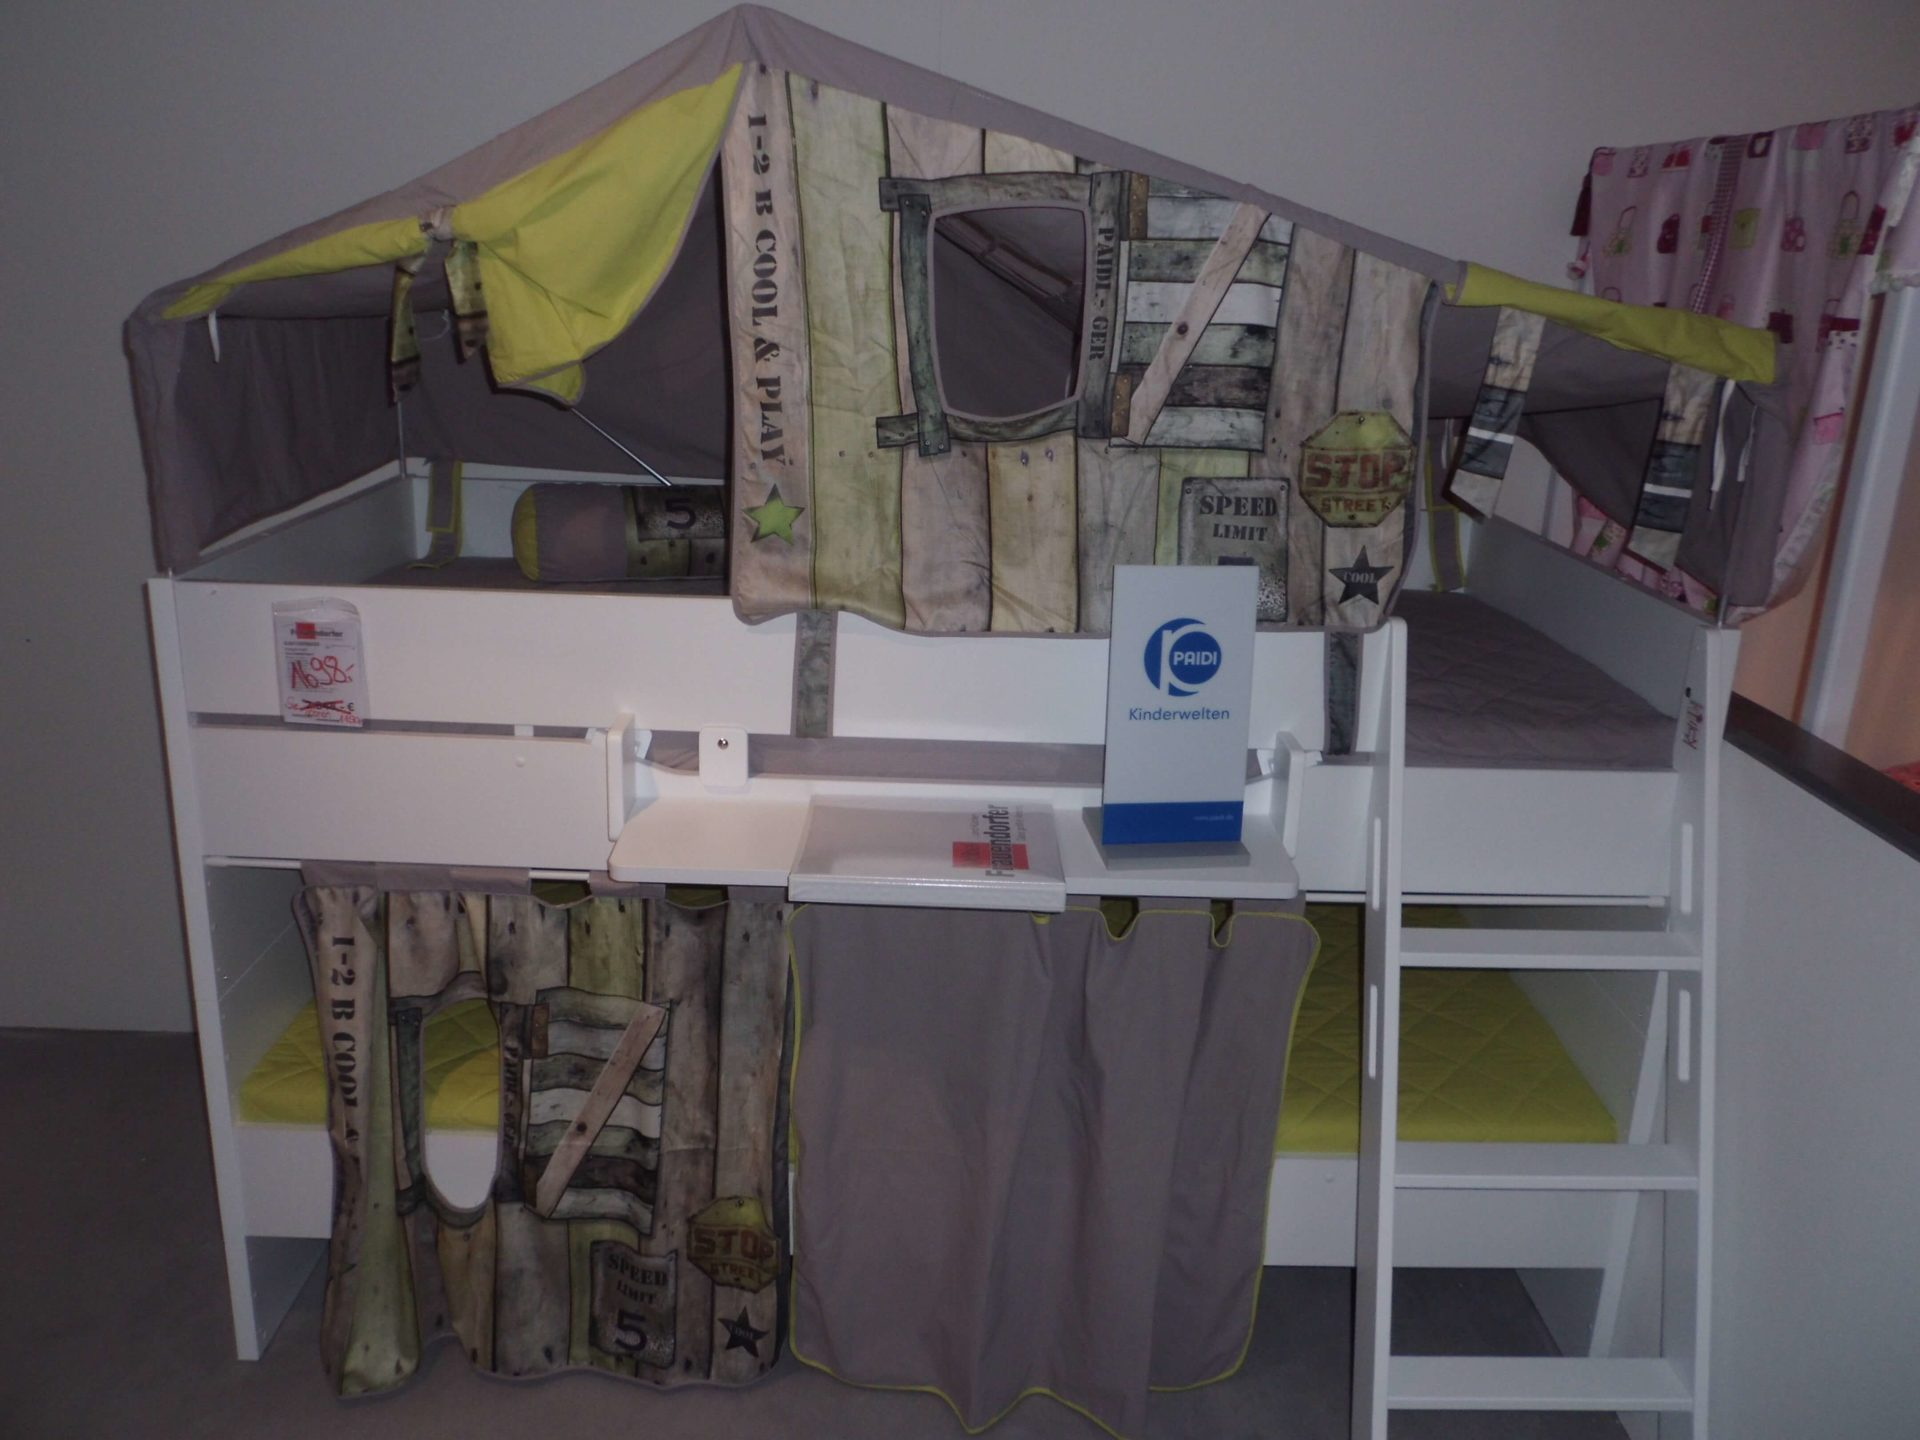 Etagenbett Weiss Paidi : Möbel frauendorfer amberg etagenbett guntersblum